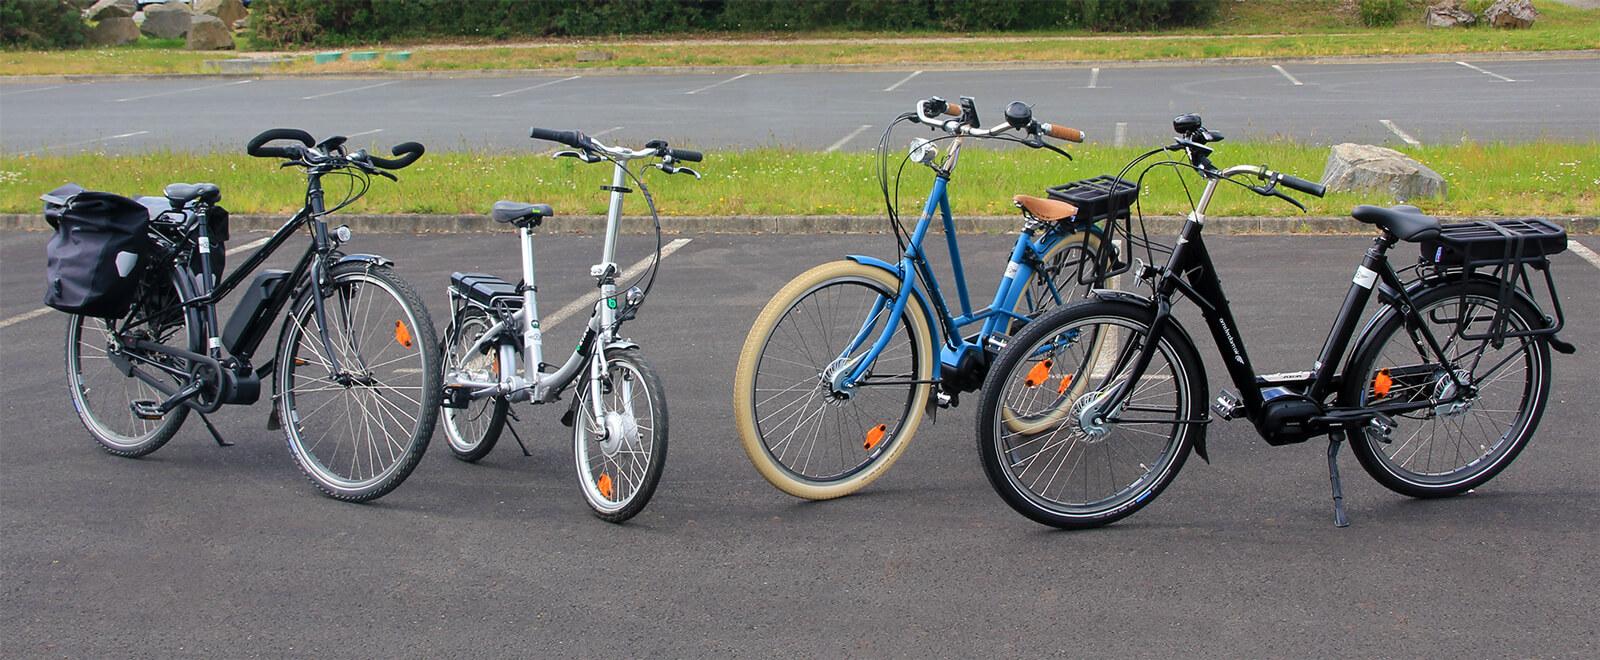 4 modèles de vélos électriques vendus par Amsterdam Air